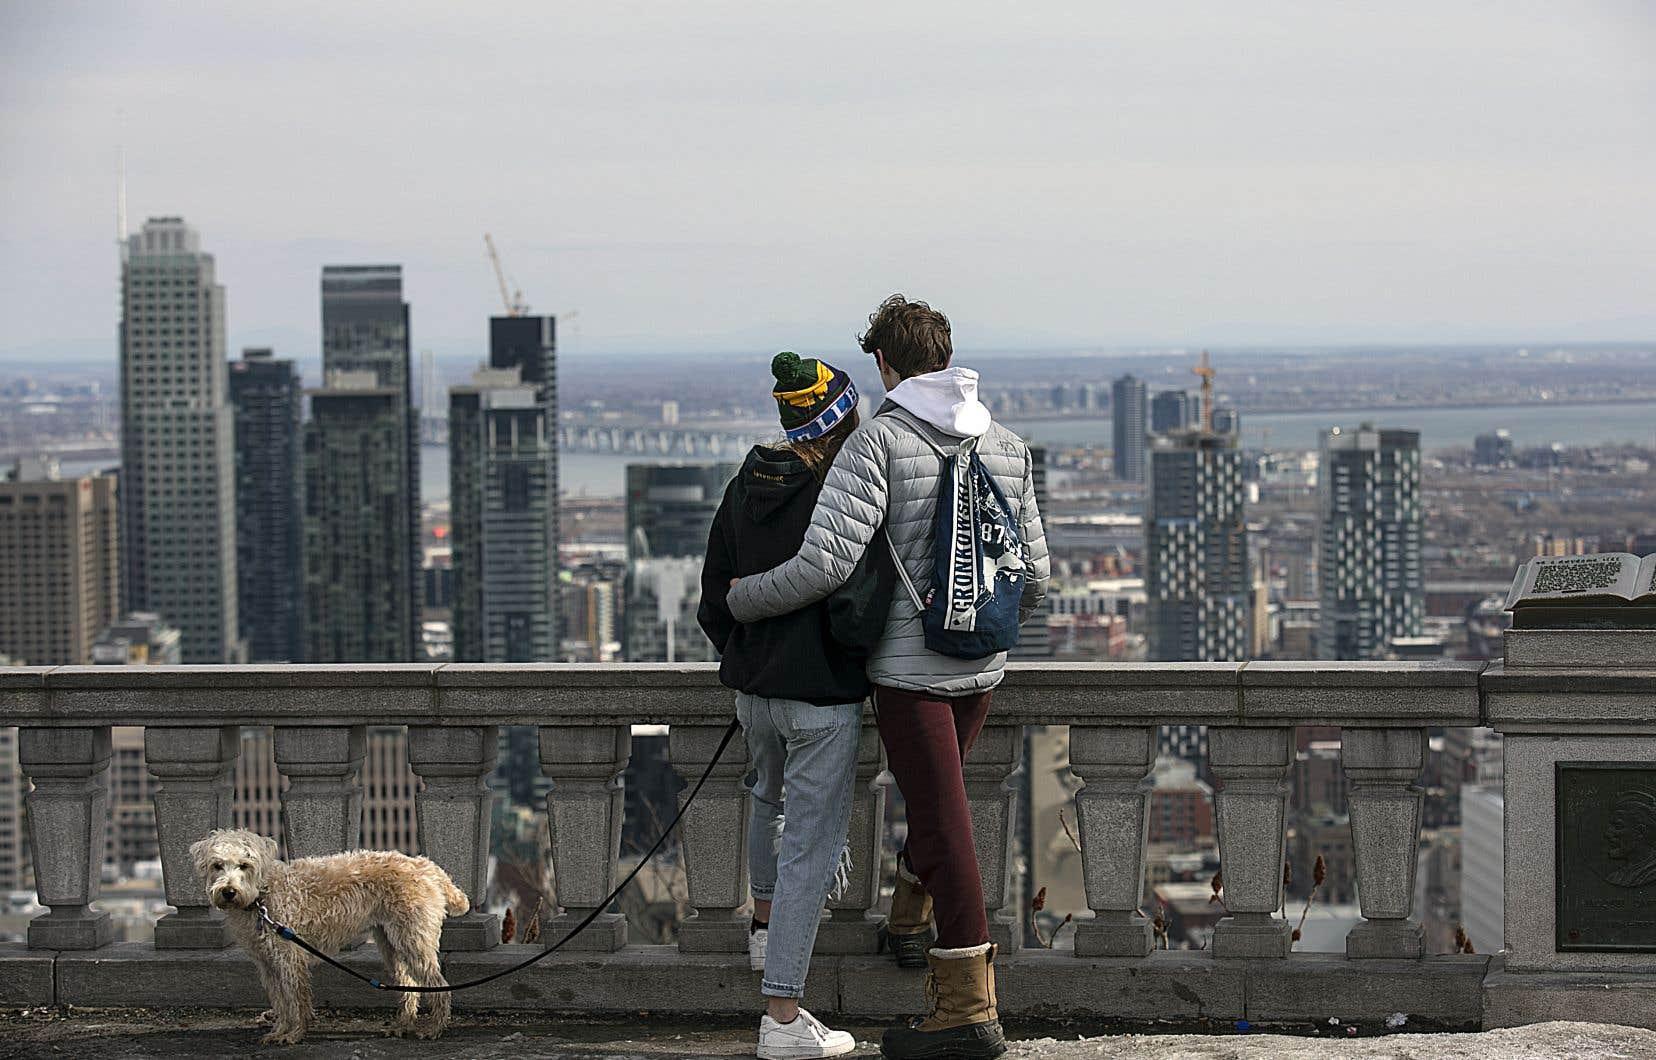 Au sommet du mont Royal, en milieu d'après-midi, de nombreuses personnes ont profité de la vue sur le centre-ville, en famille ou en petits groupes d'amis.